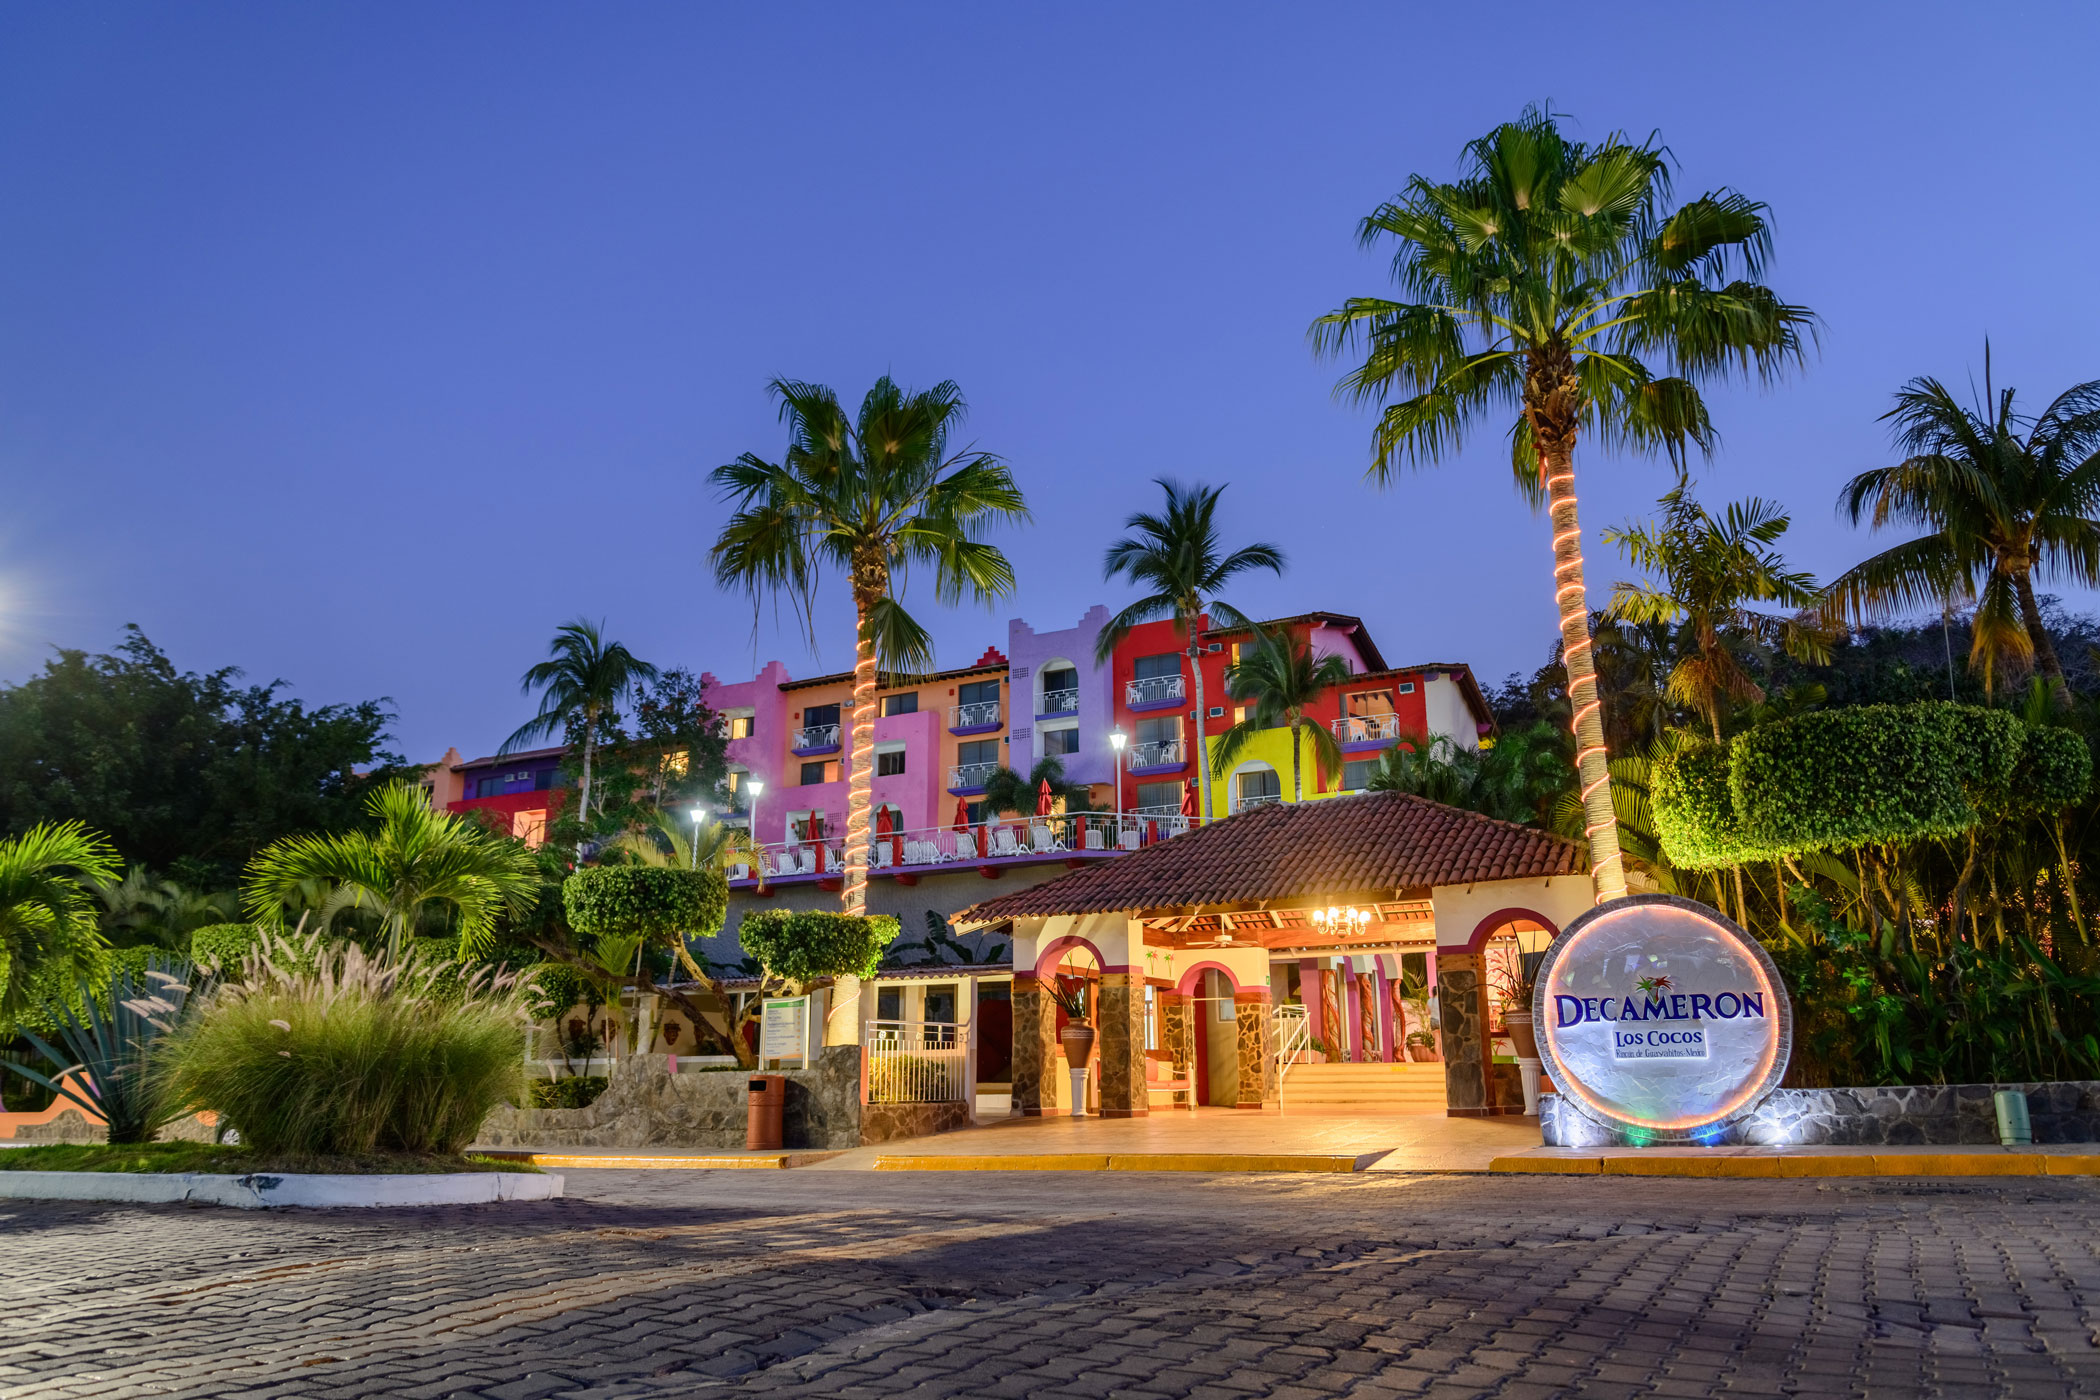 Decameron Los Cocos Hotel Riviera Nayarit Transat